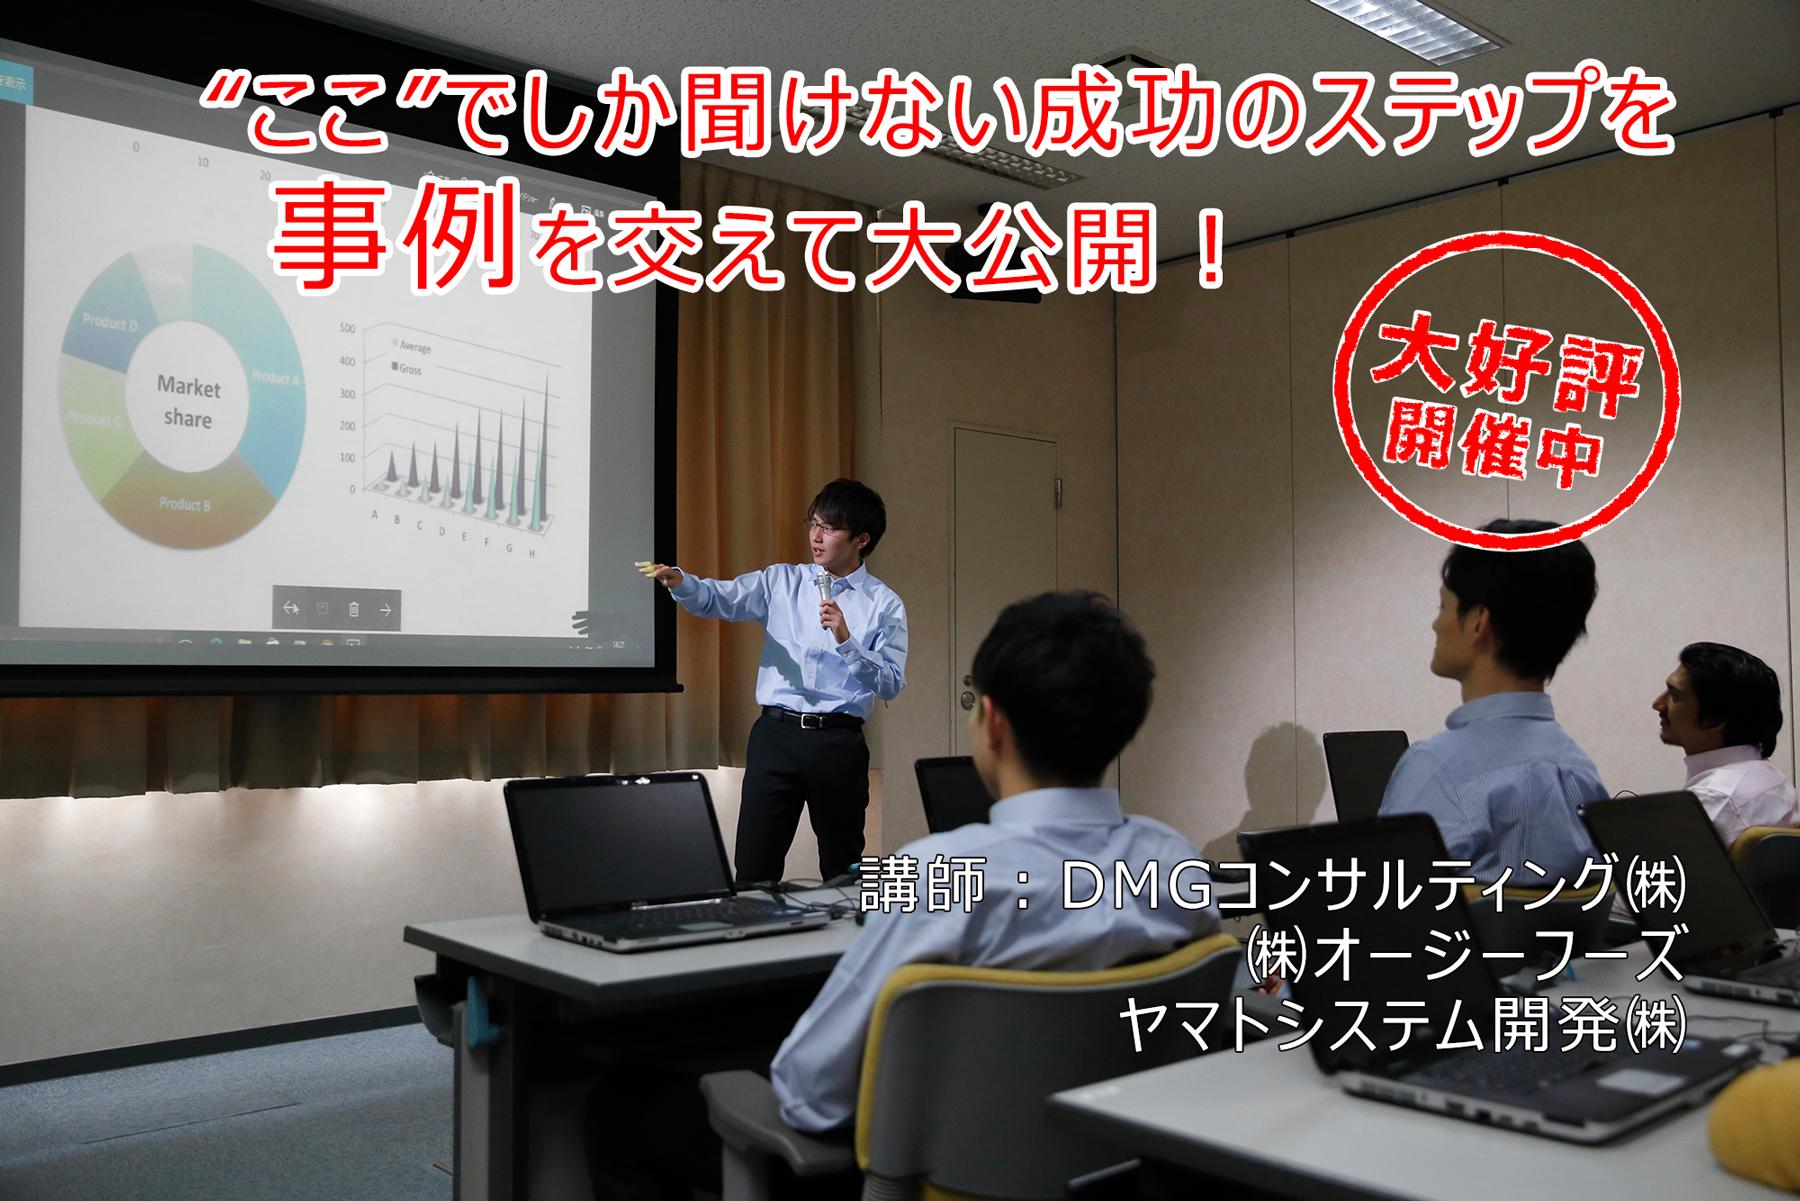 メーカー通販の最新動向と成功のポイントセミナー in 大阪